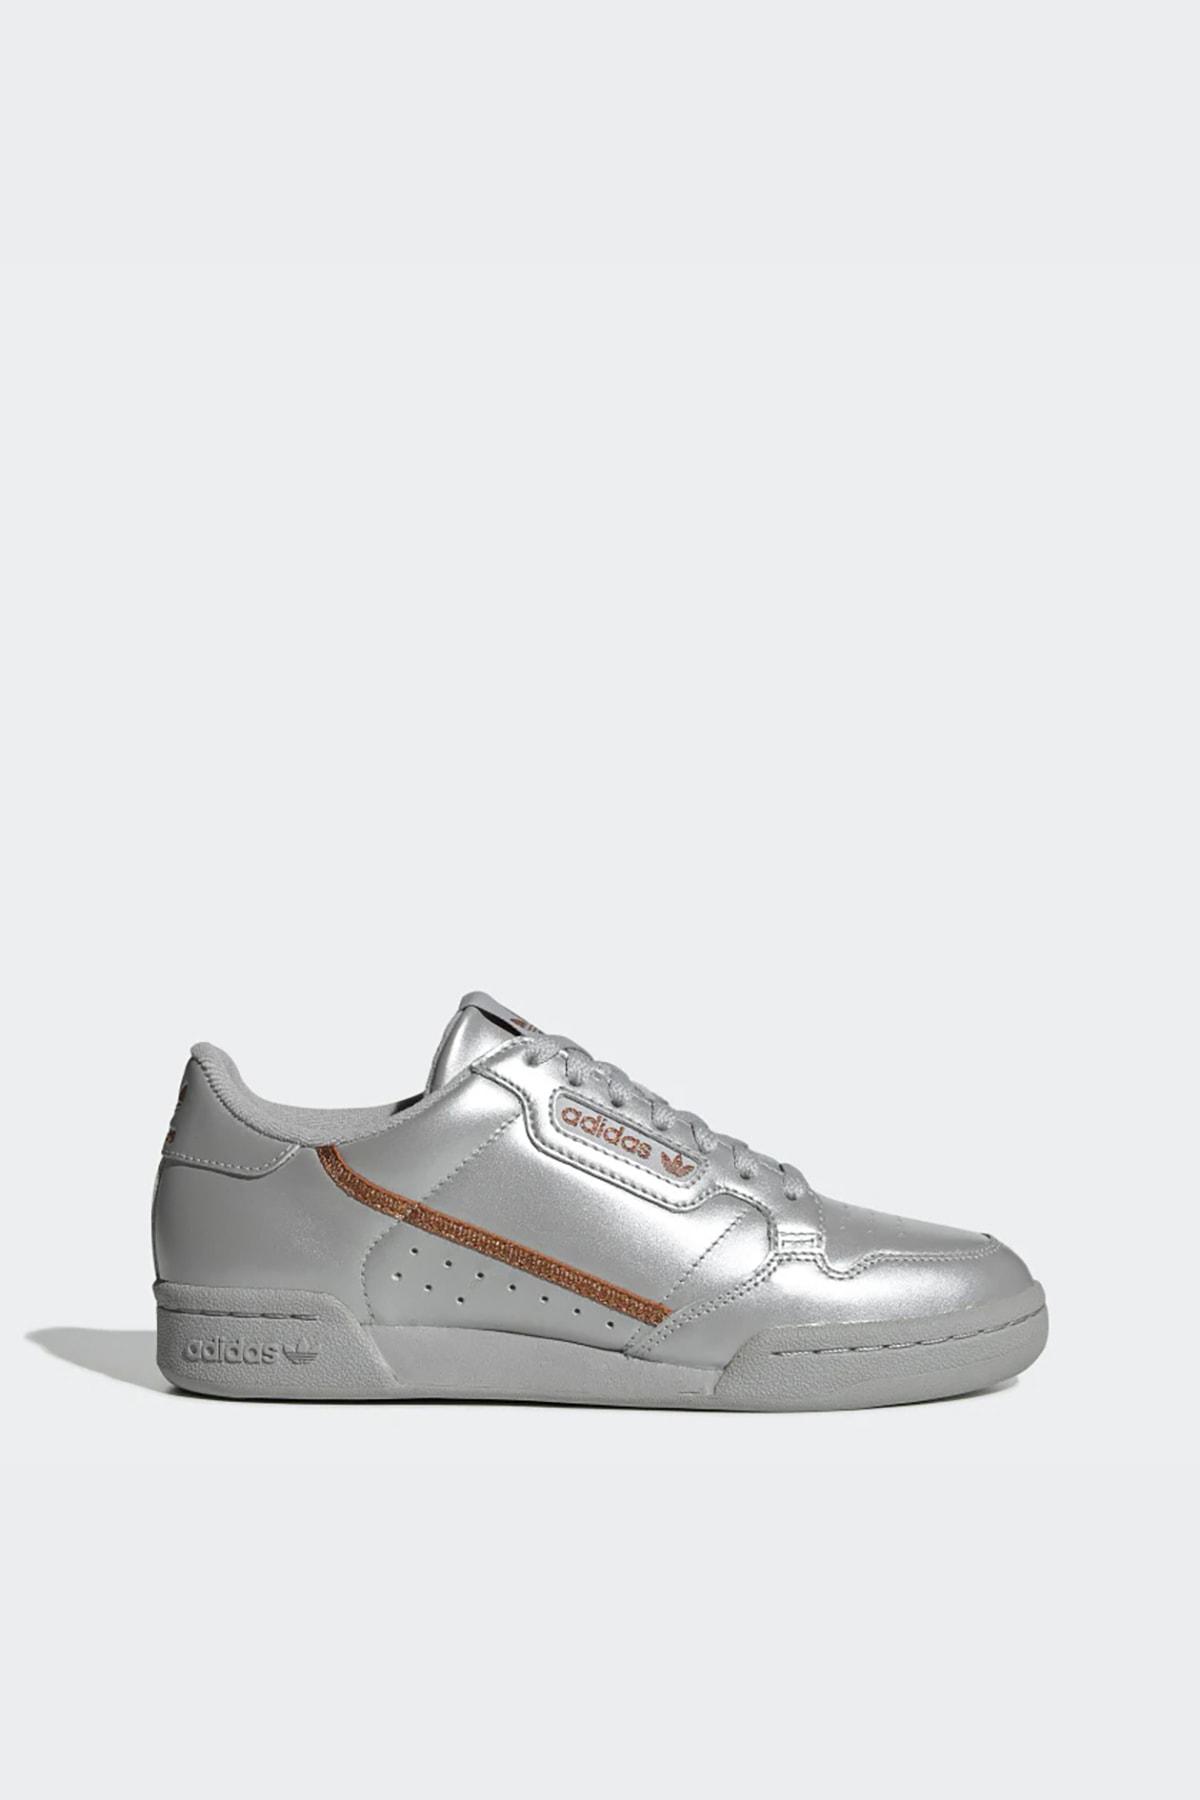 adidas Kadın Günlük Spor Ayakkabı Ee5565 Contınental 80 W